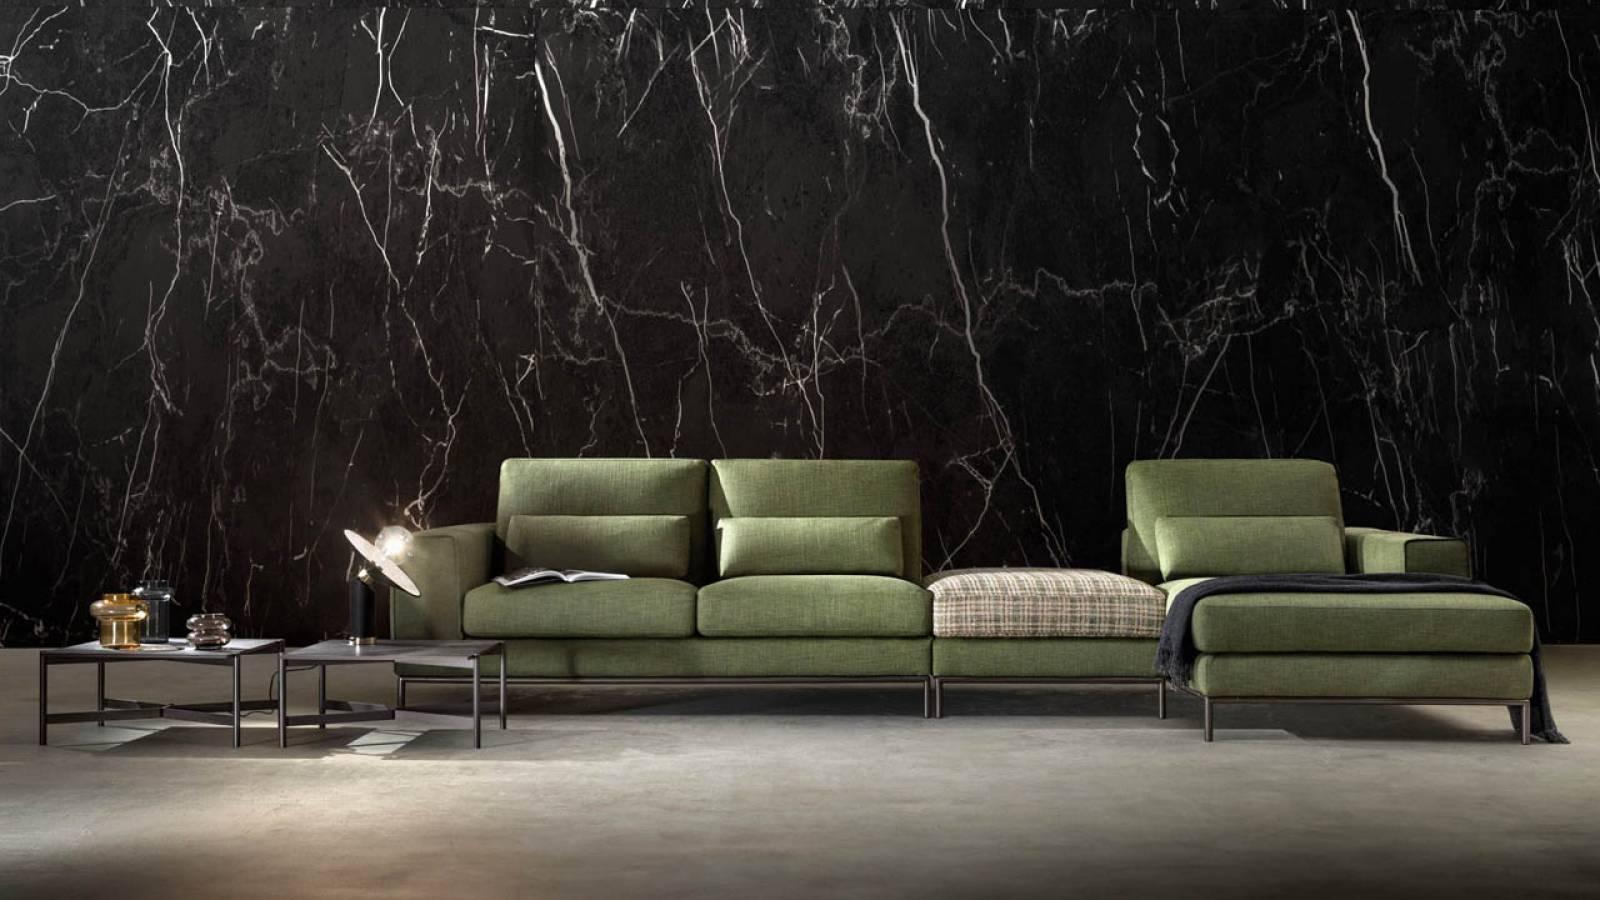 Fabbrica Divani A Brescia divani moderni, classici e trasformabili - samoa divani